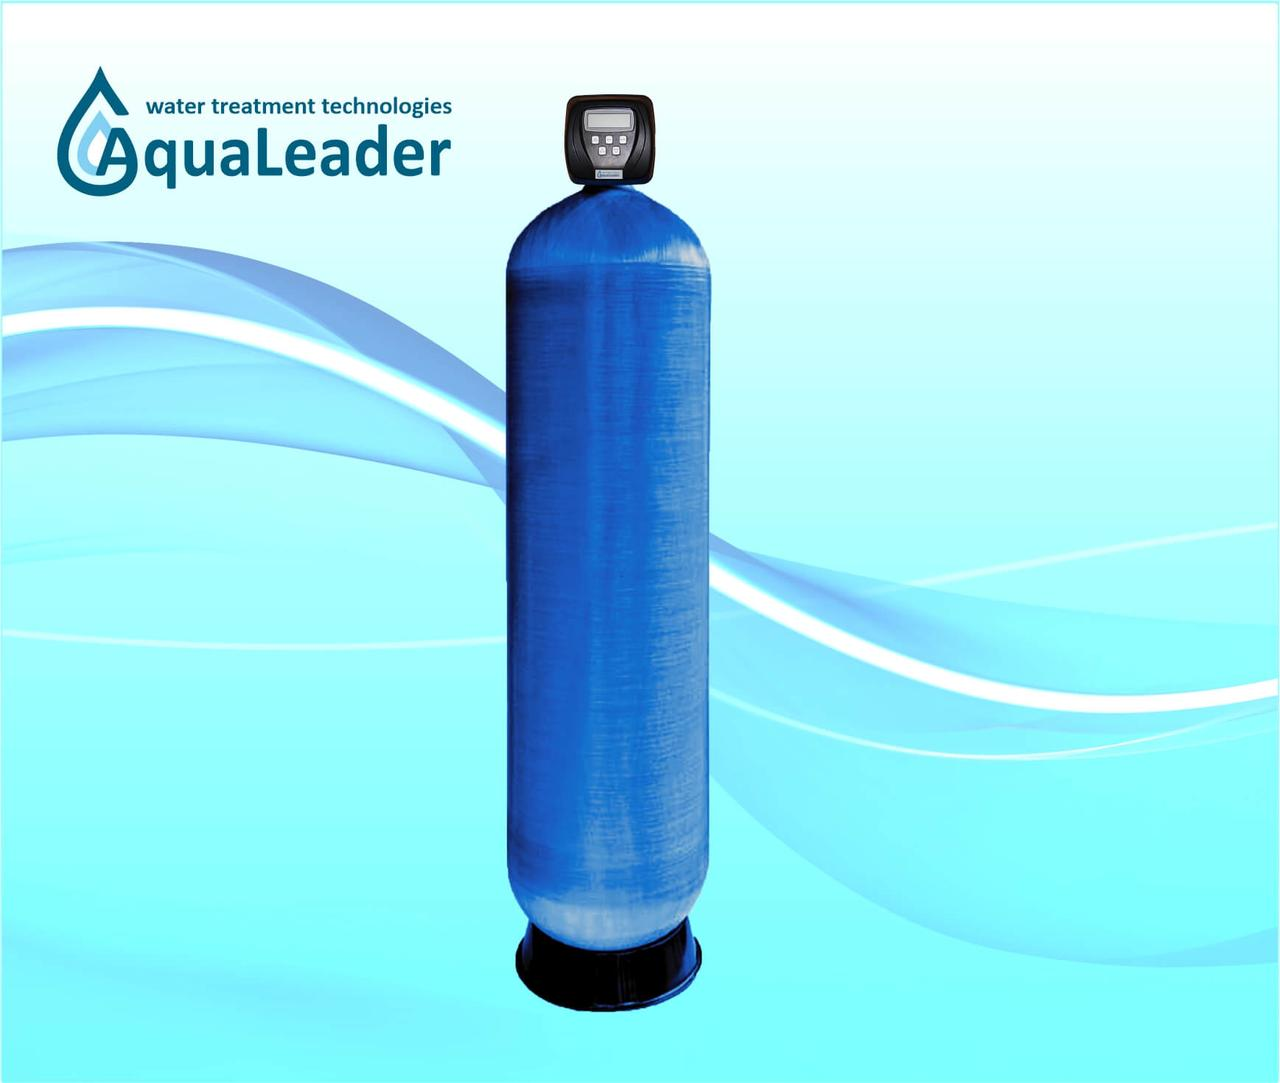 Фильтр для удаления сероводорода FPHS1465 Plus, Clack Corporation, USA